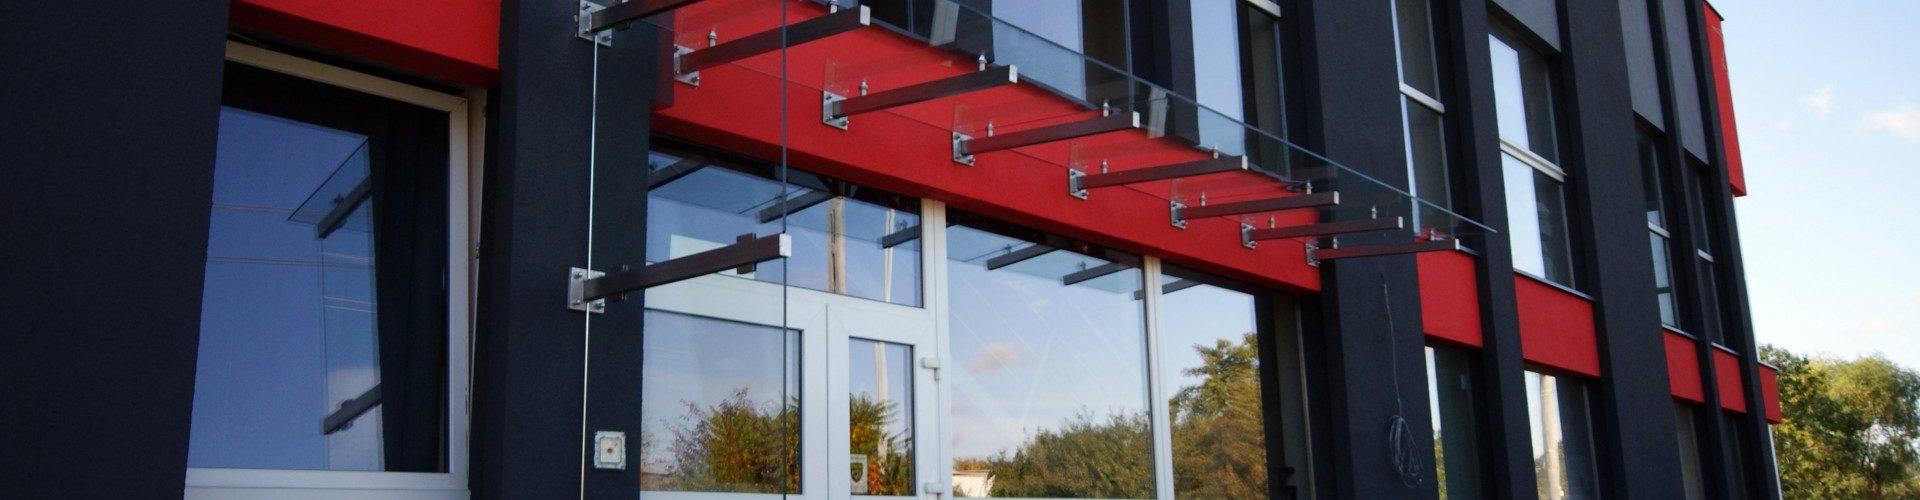 startowe zdjęcie daszków ze szkła firmy vitroglass